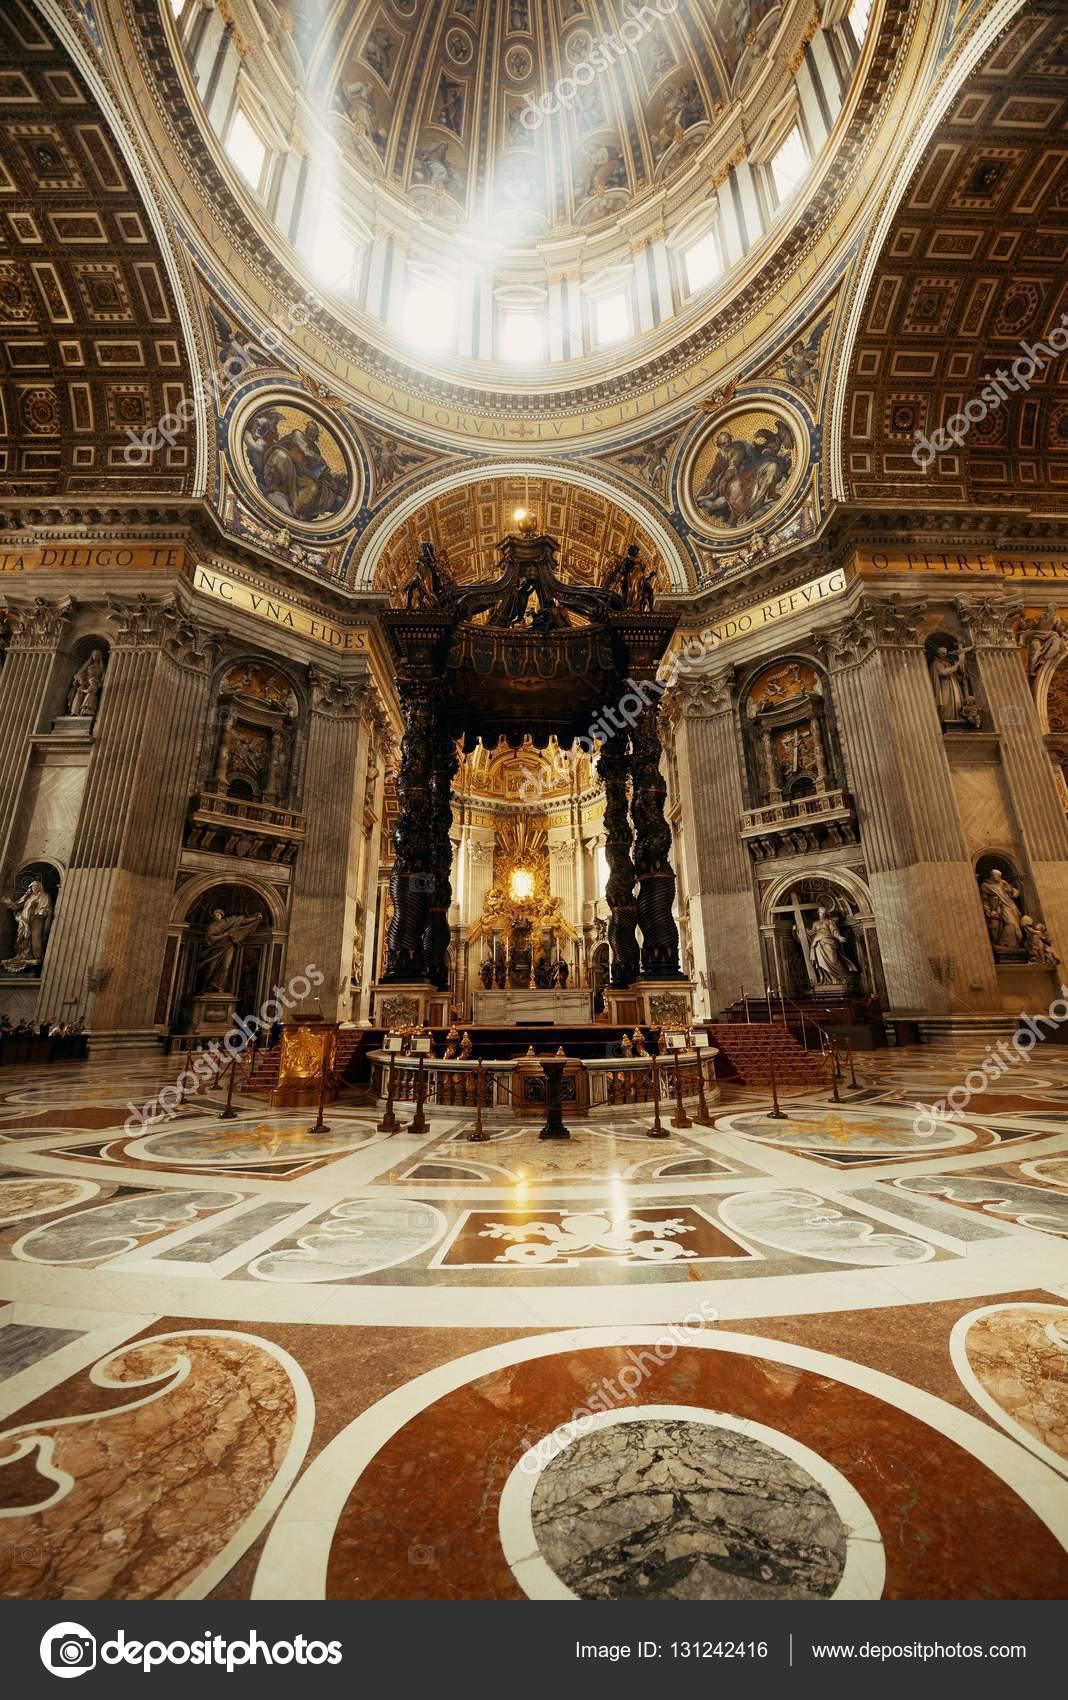 vaticaan vaticaan 10 mei 2016 st peters basilica interieur met lichtstralen in vaticaanstad foto van rabbit75_dep